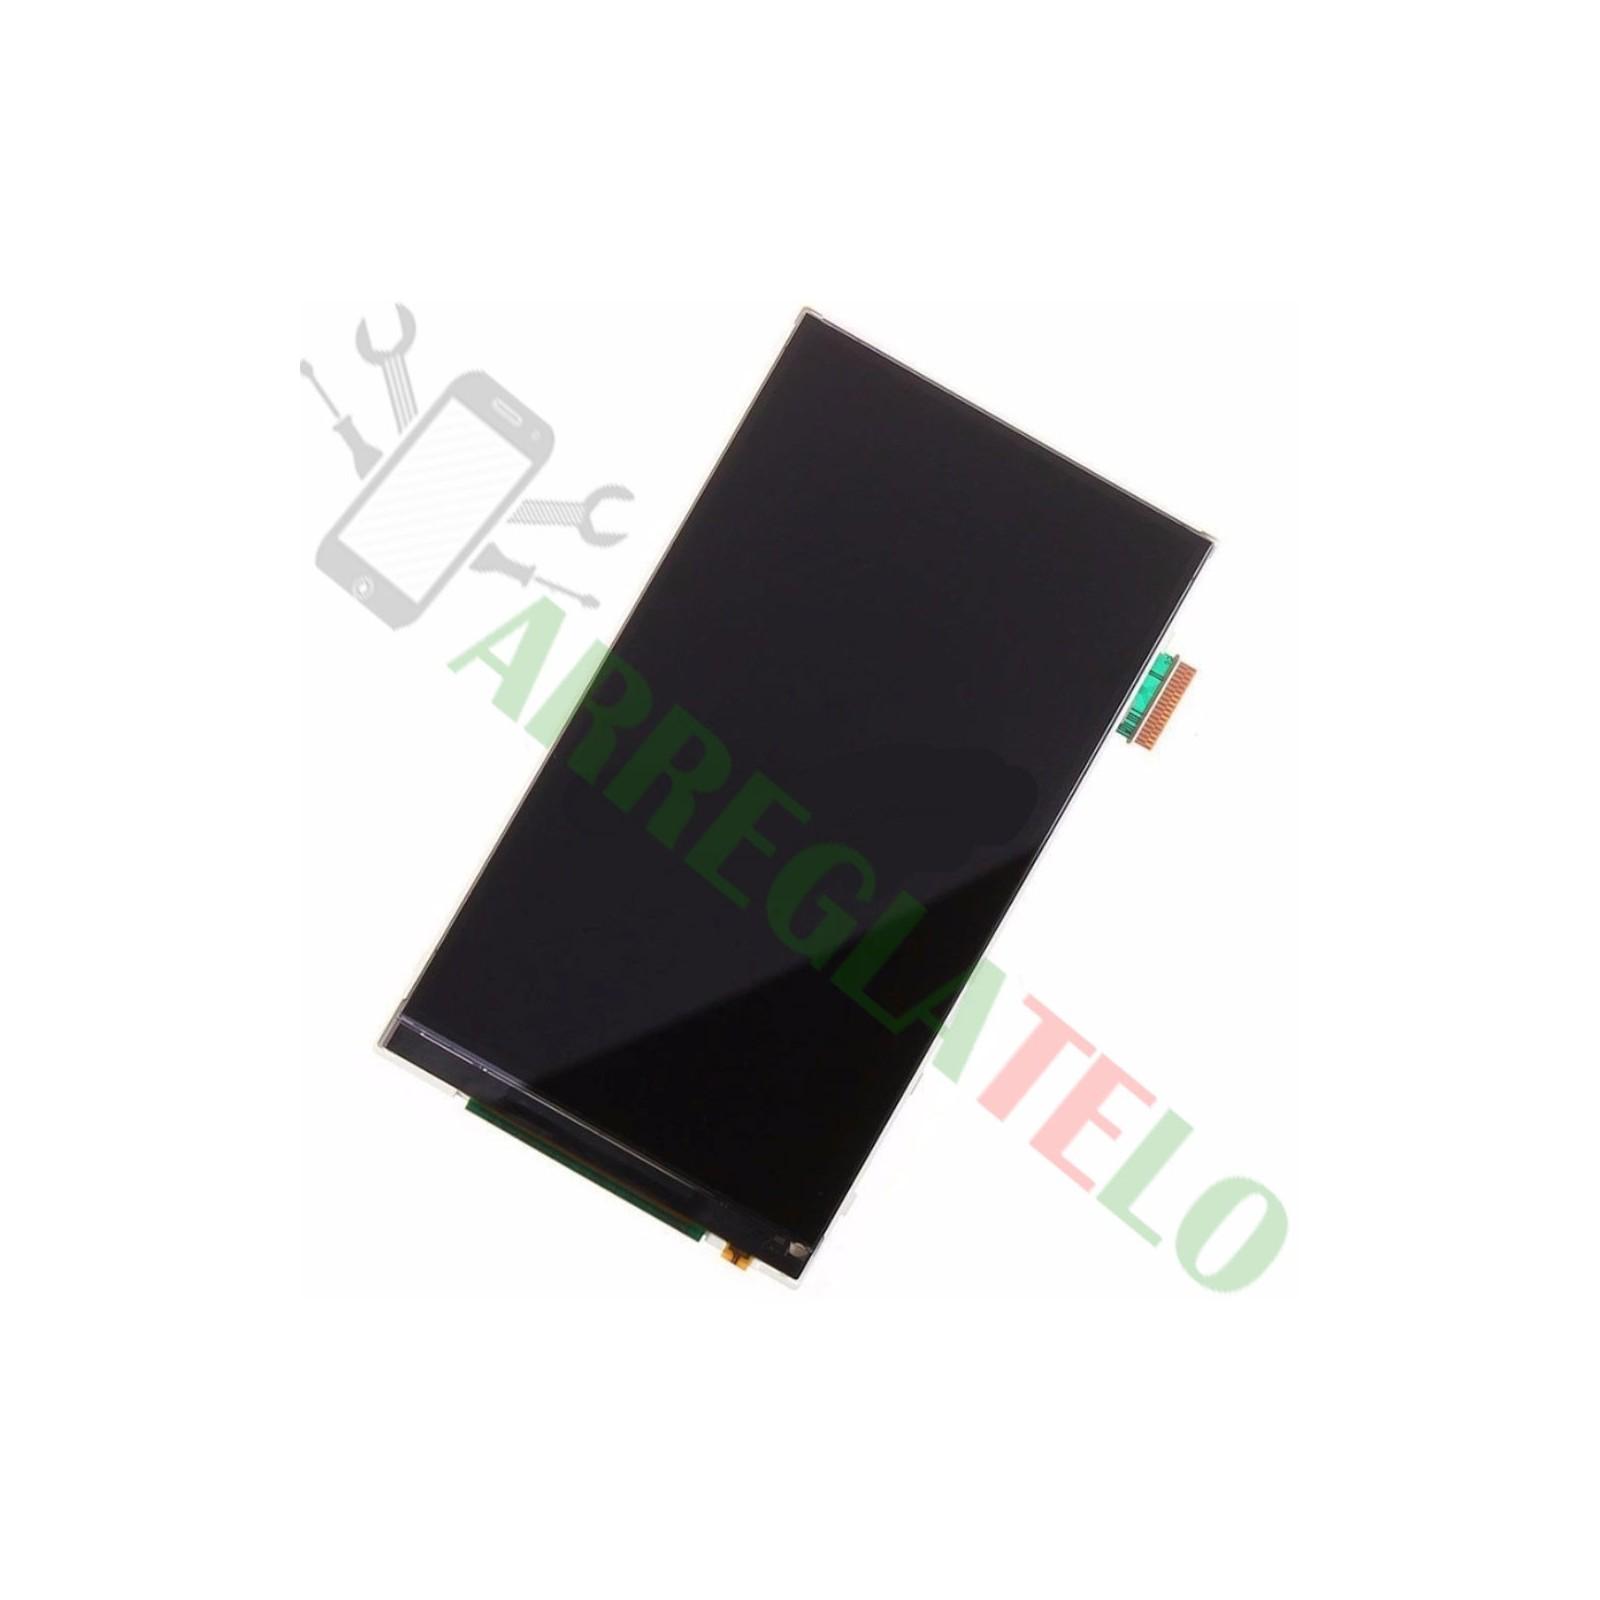 Pantalla Schermo Ecran Display Completa Samsung Galaxy S6 Blanca Sony - 1